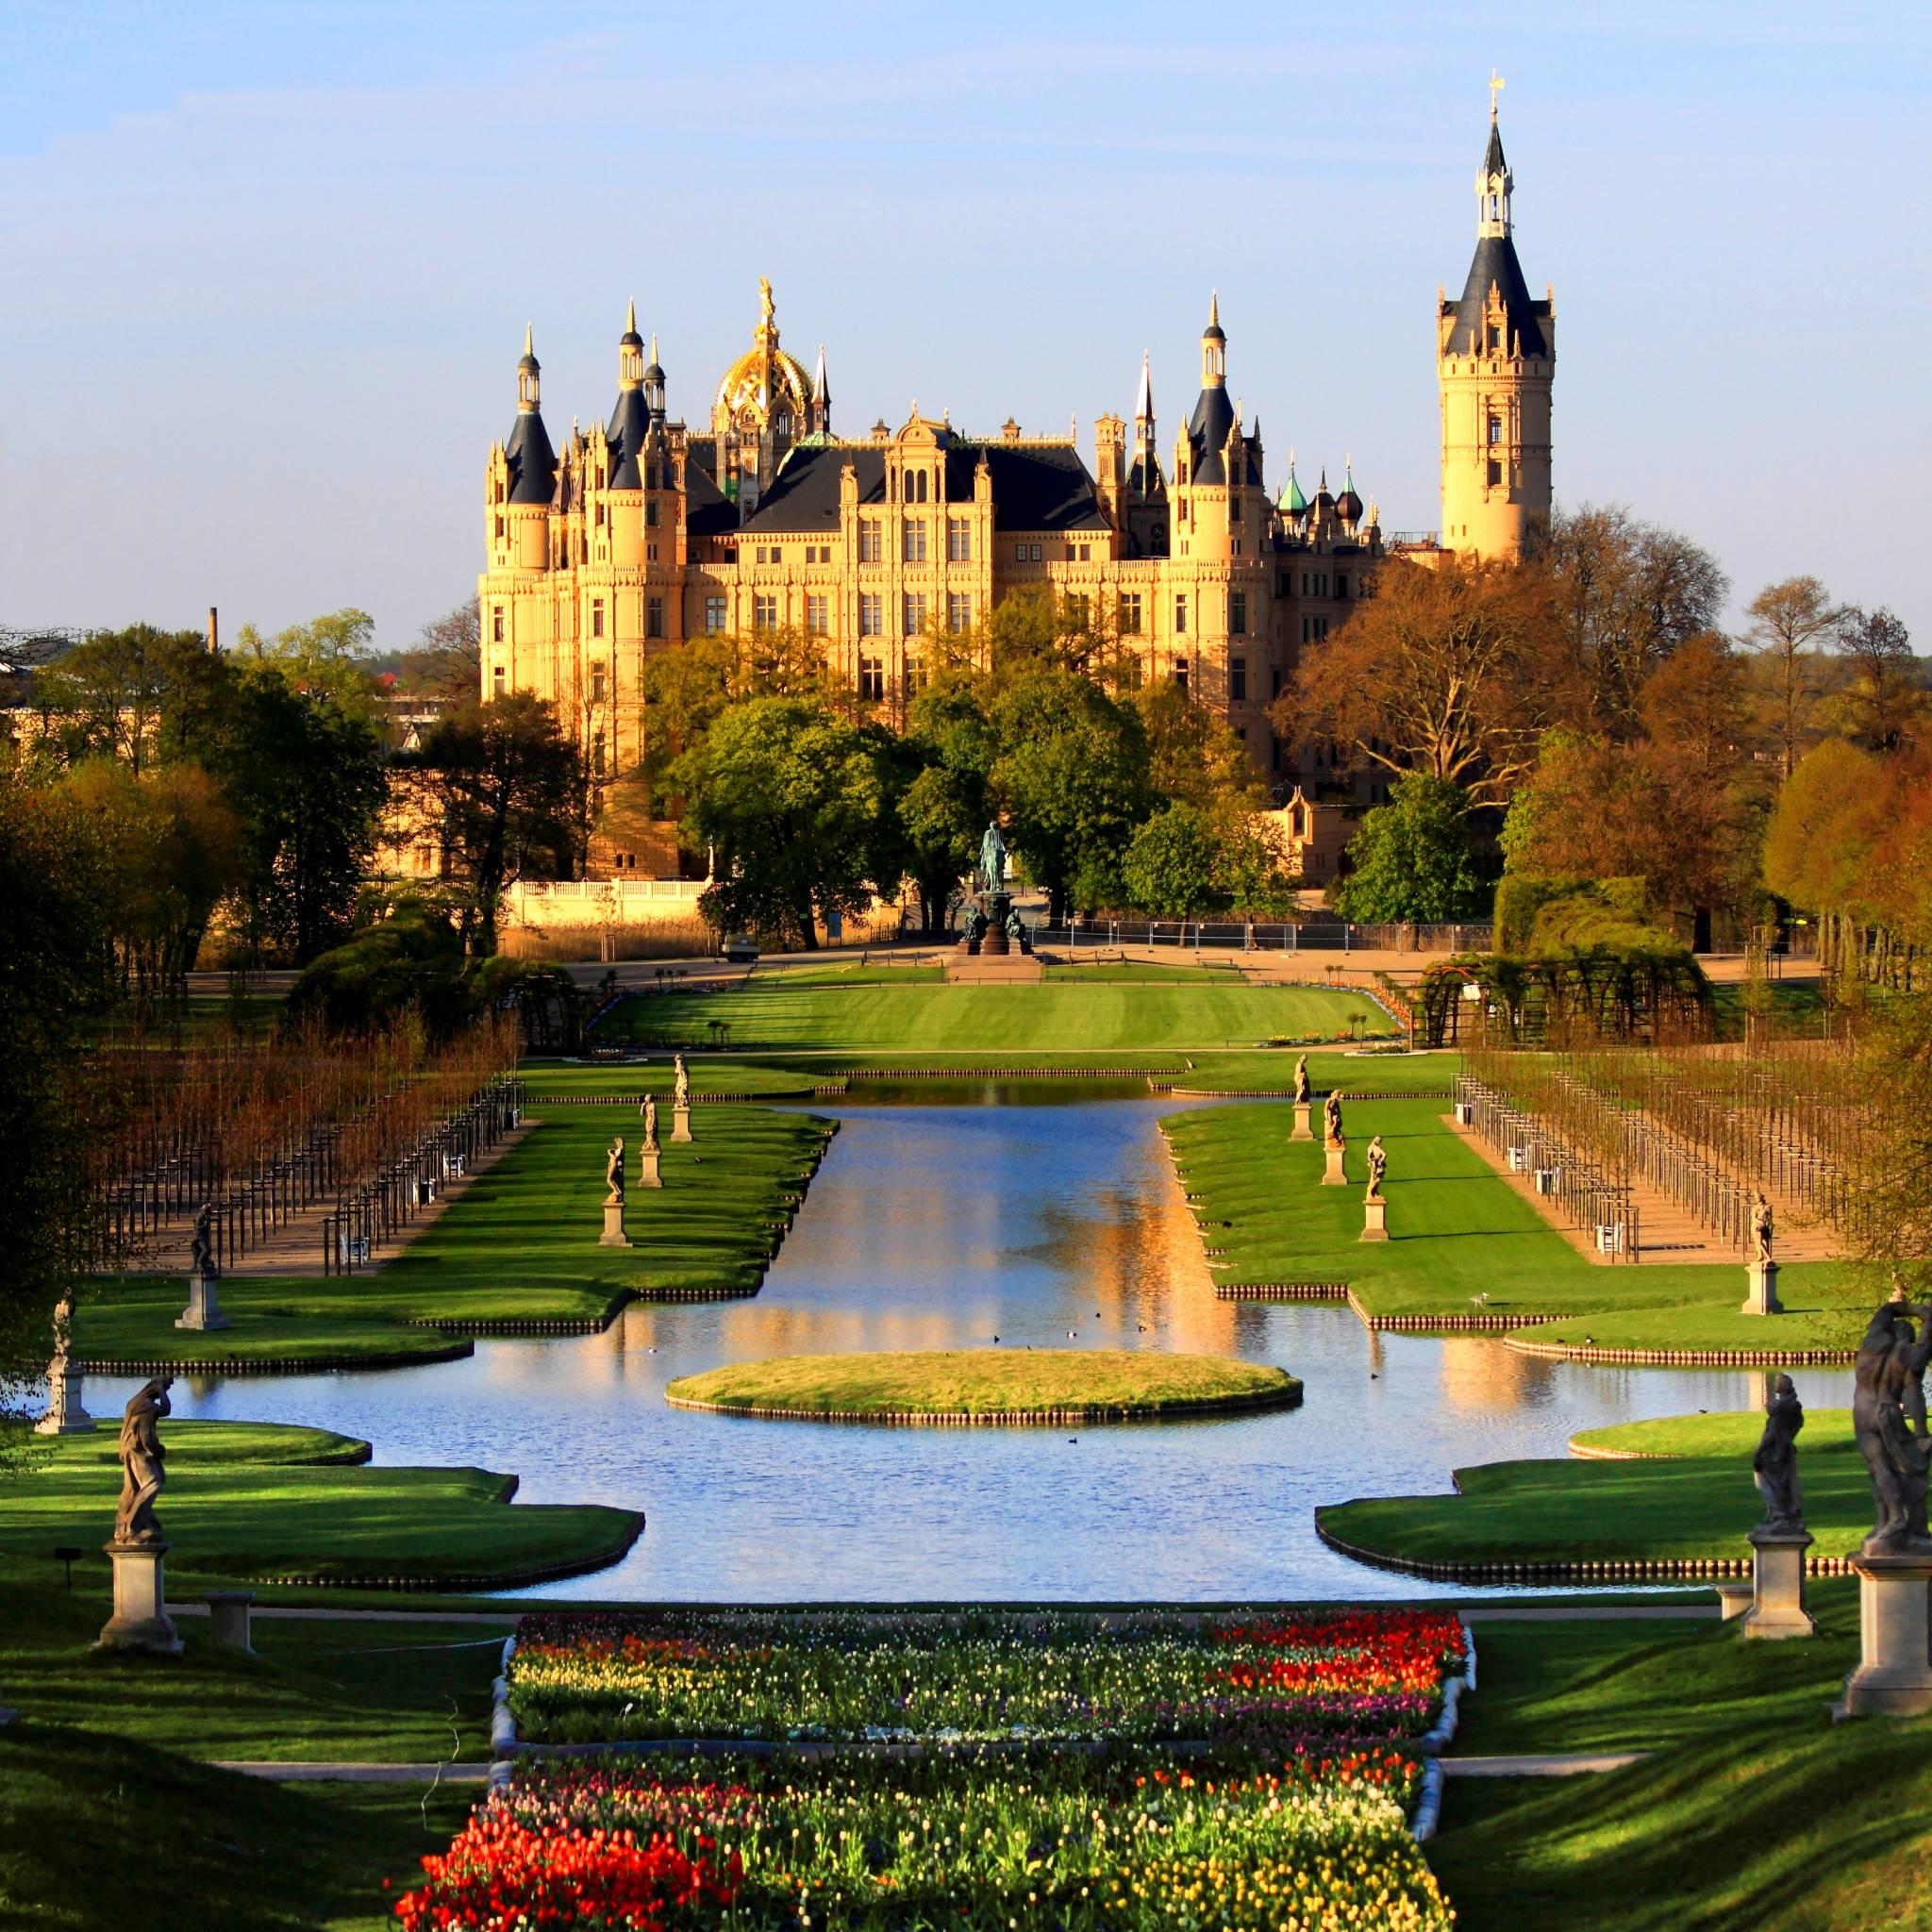 schwerin_palace_park_garden_mecklenburg_germany_schweriner_schloss_garten_buga_2009